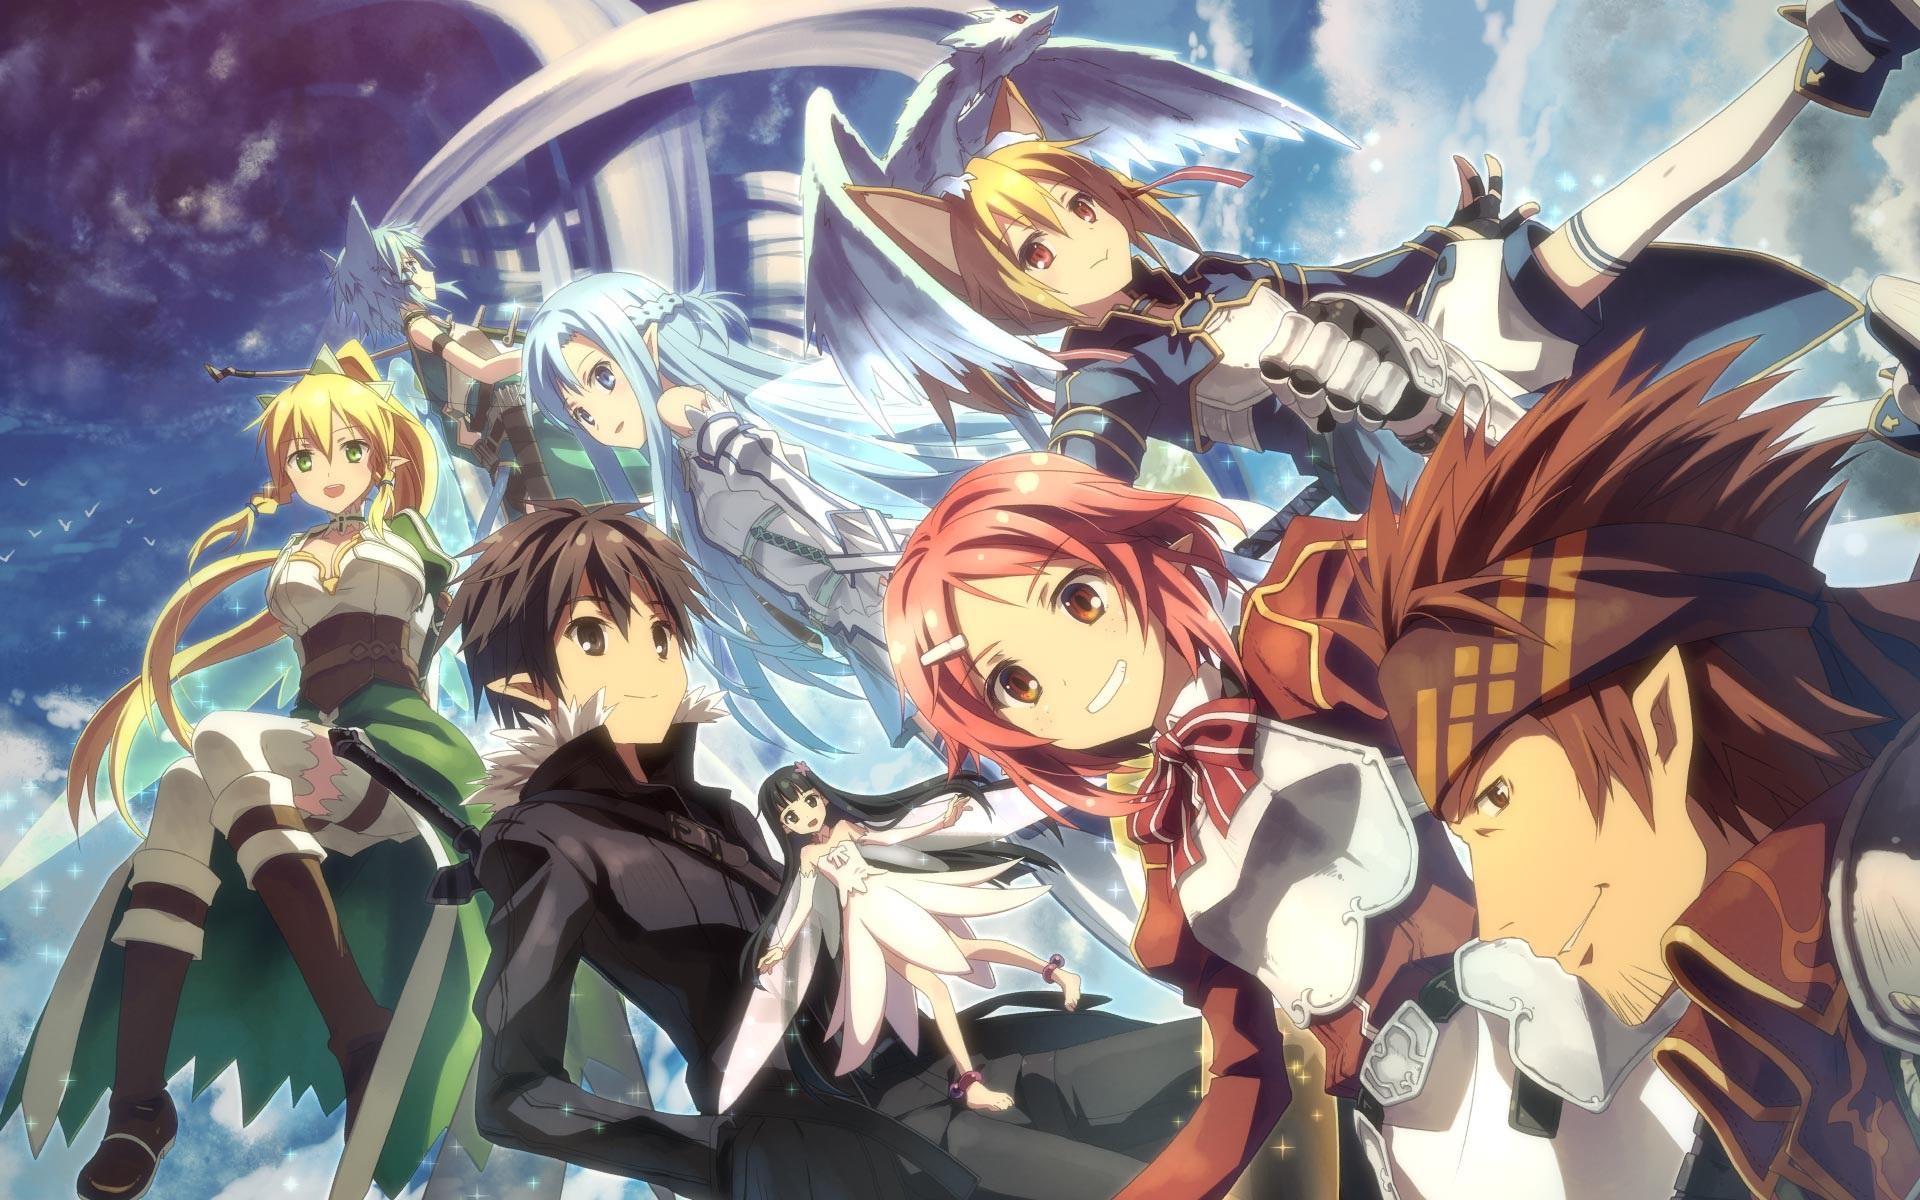 Sword Art Online wallpaper 51